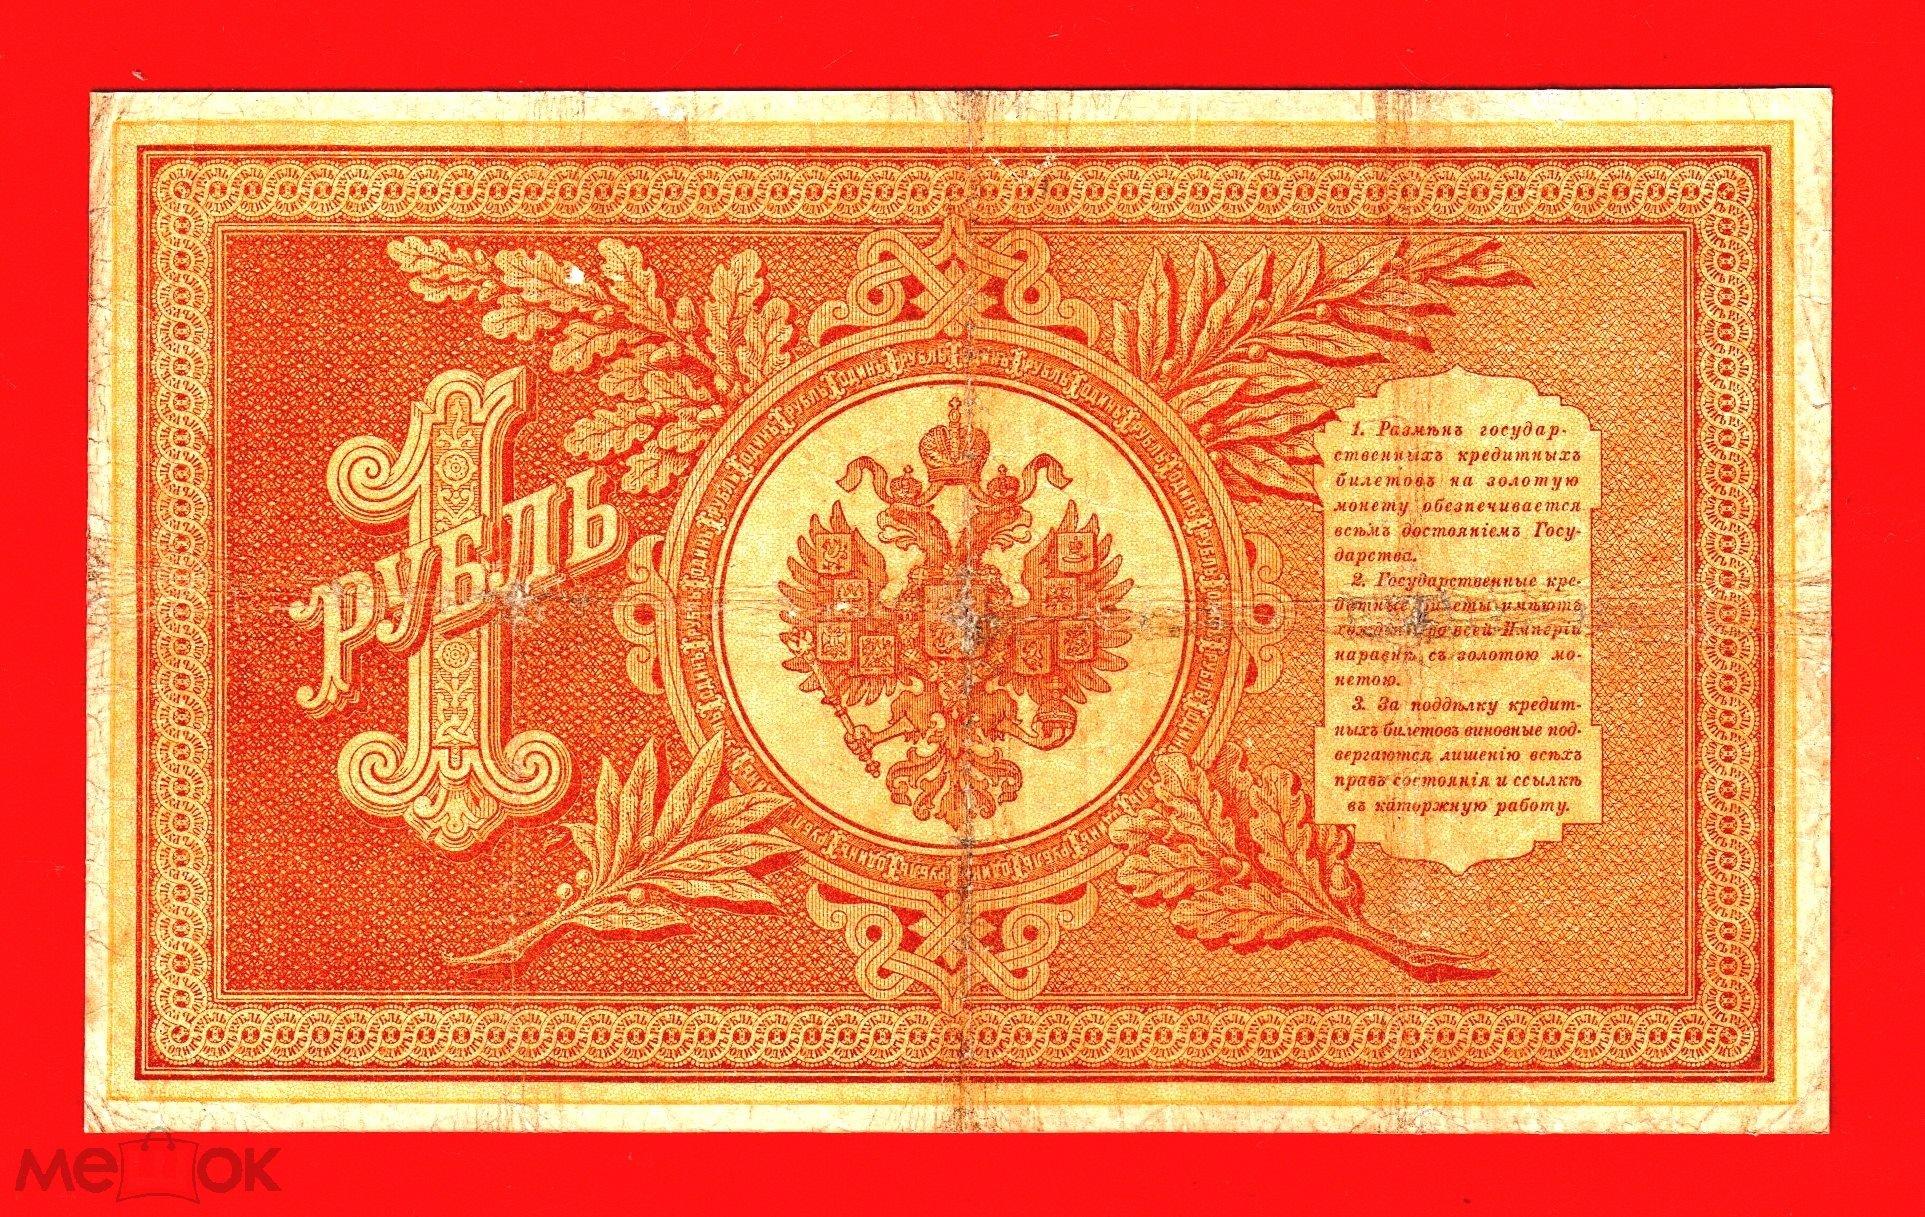 Россия (Империя), 1 рубль, 1898, Плеске - Метц, БД 929139, РЕДКАЯ, ХОРОШАЯ, W